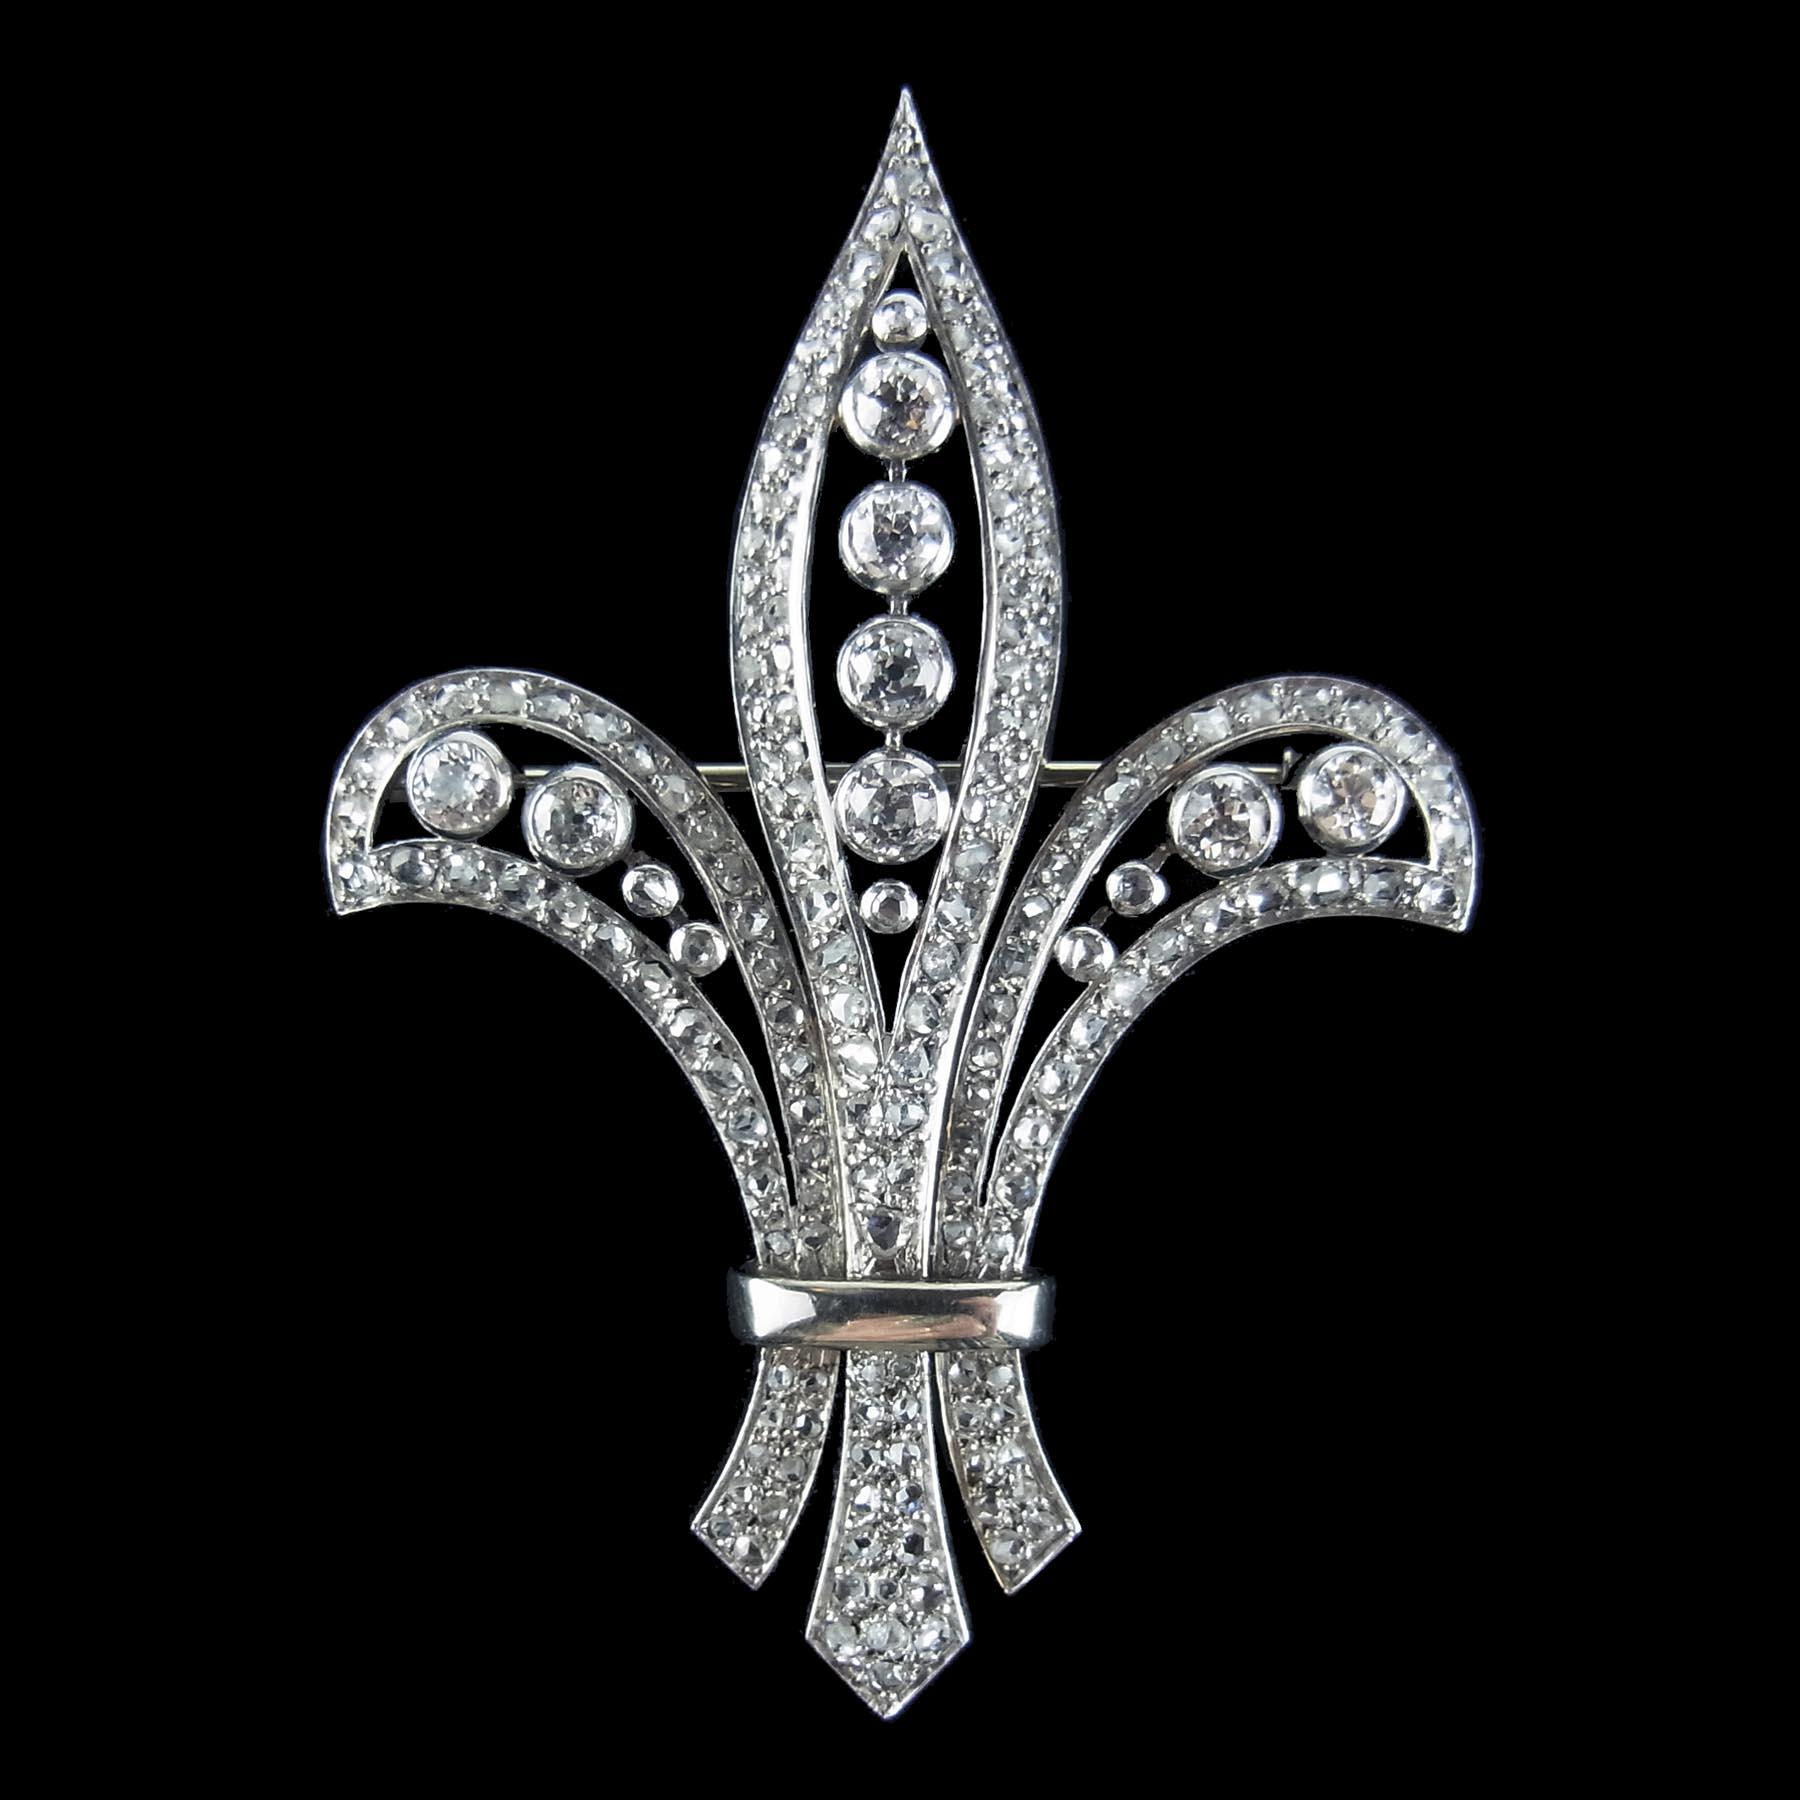 ショーメのダイヤモンド製アンティークブローチ